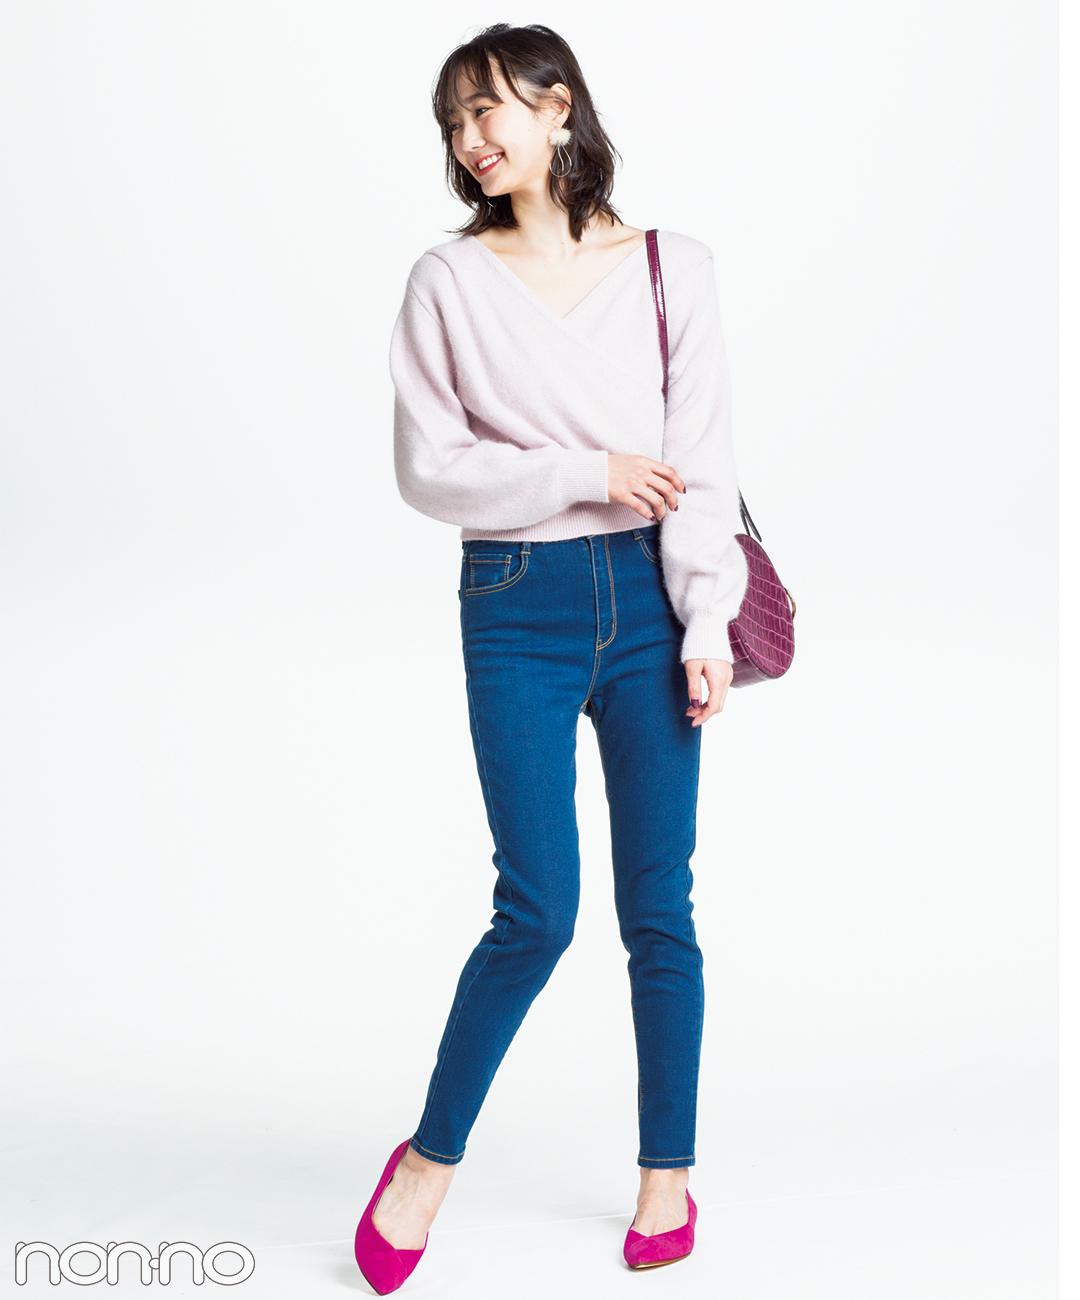 【ピンクパンプスコーデ】スキニー以外を淡い暖色でまとめればメリハリも♡